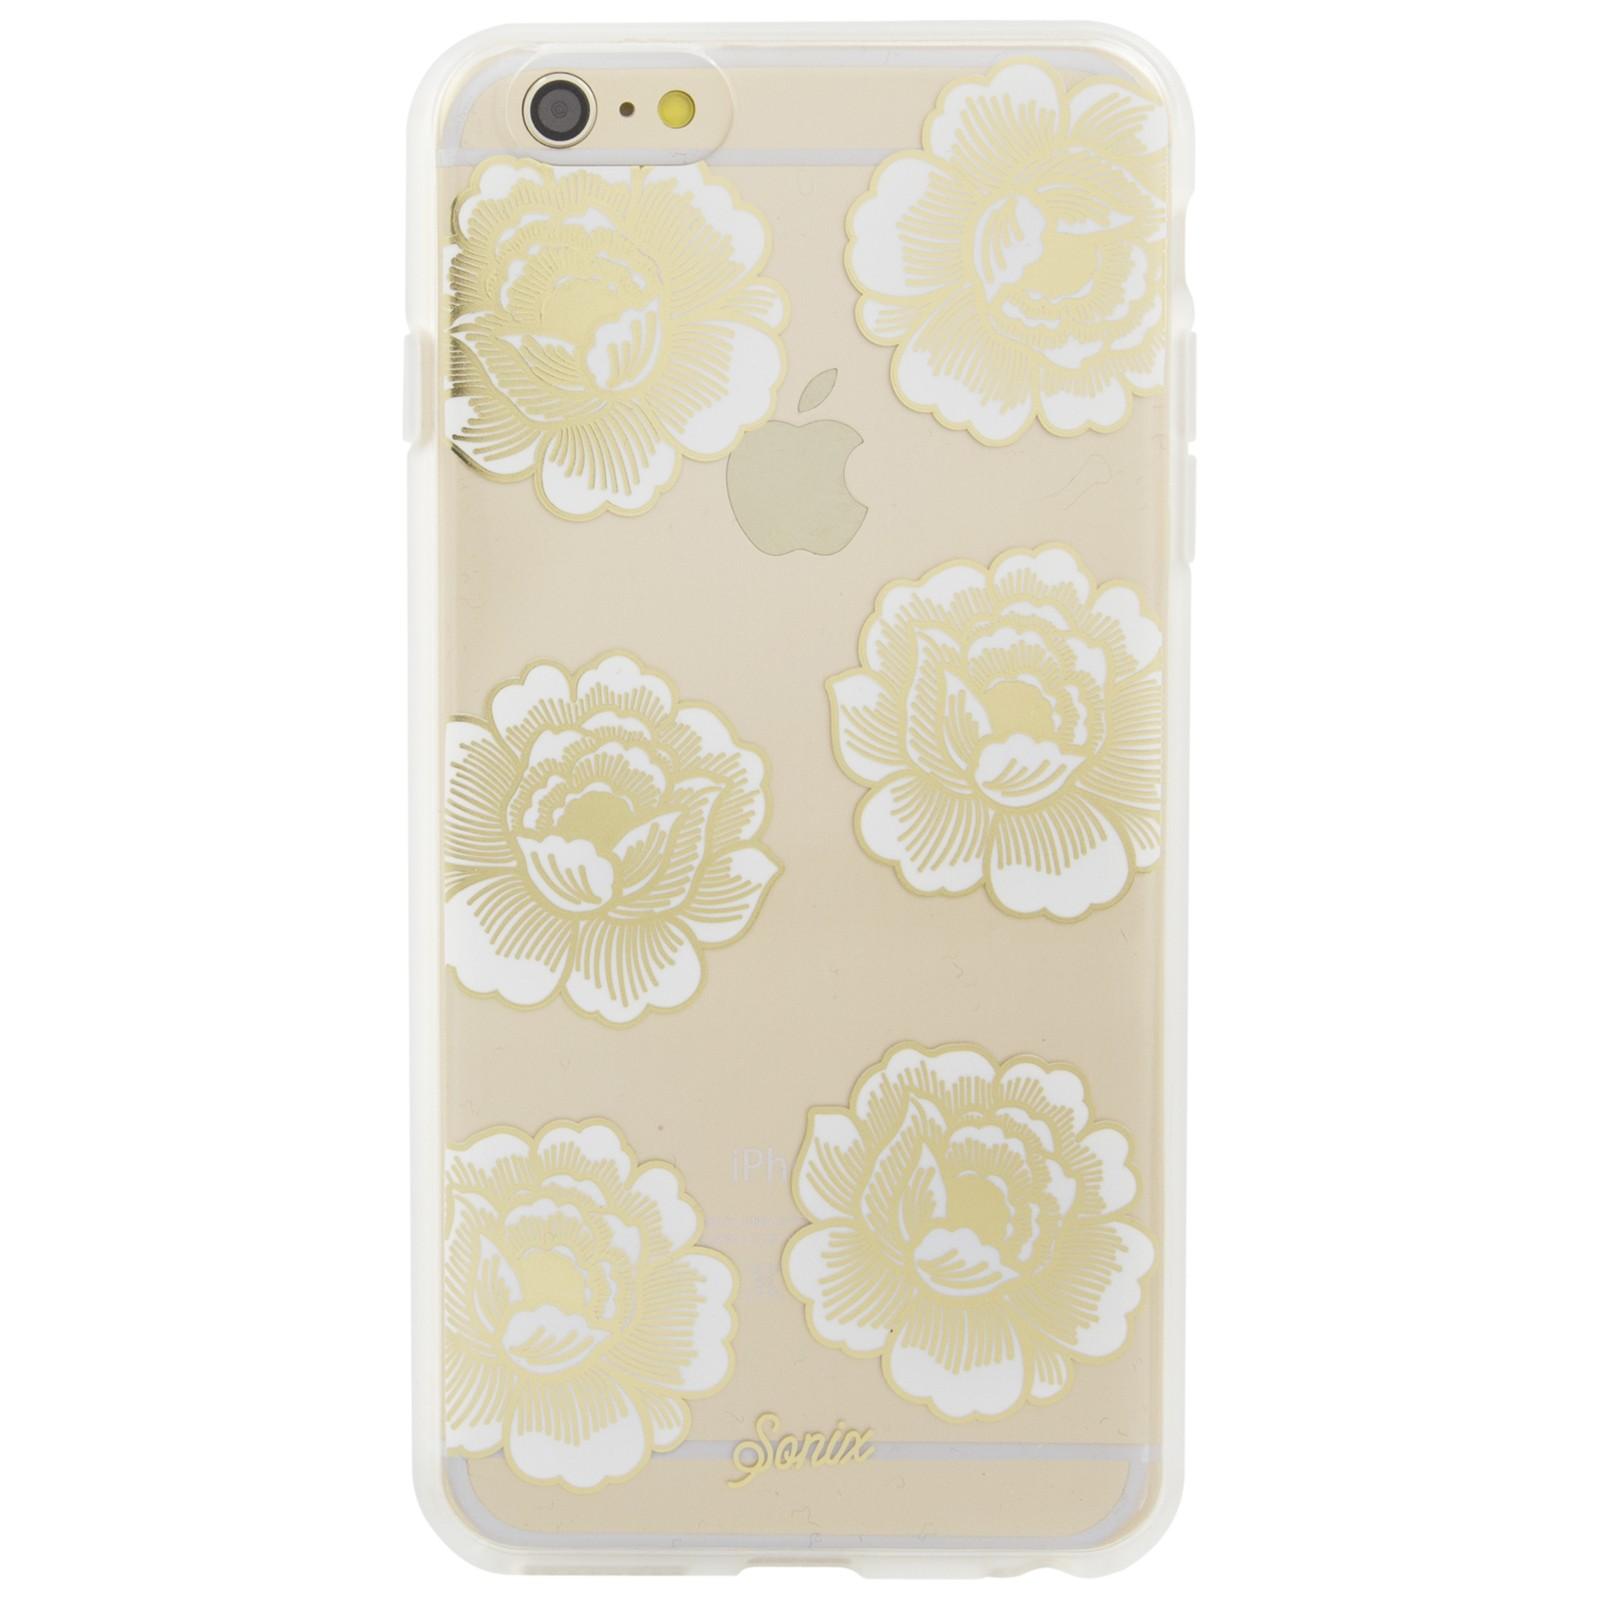 Sonix iPhone 6+ Bianca Case